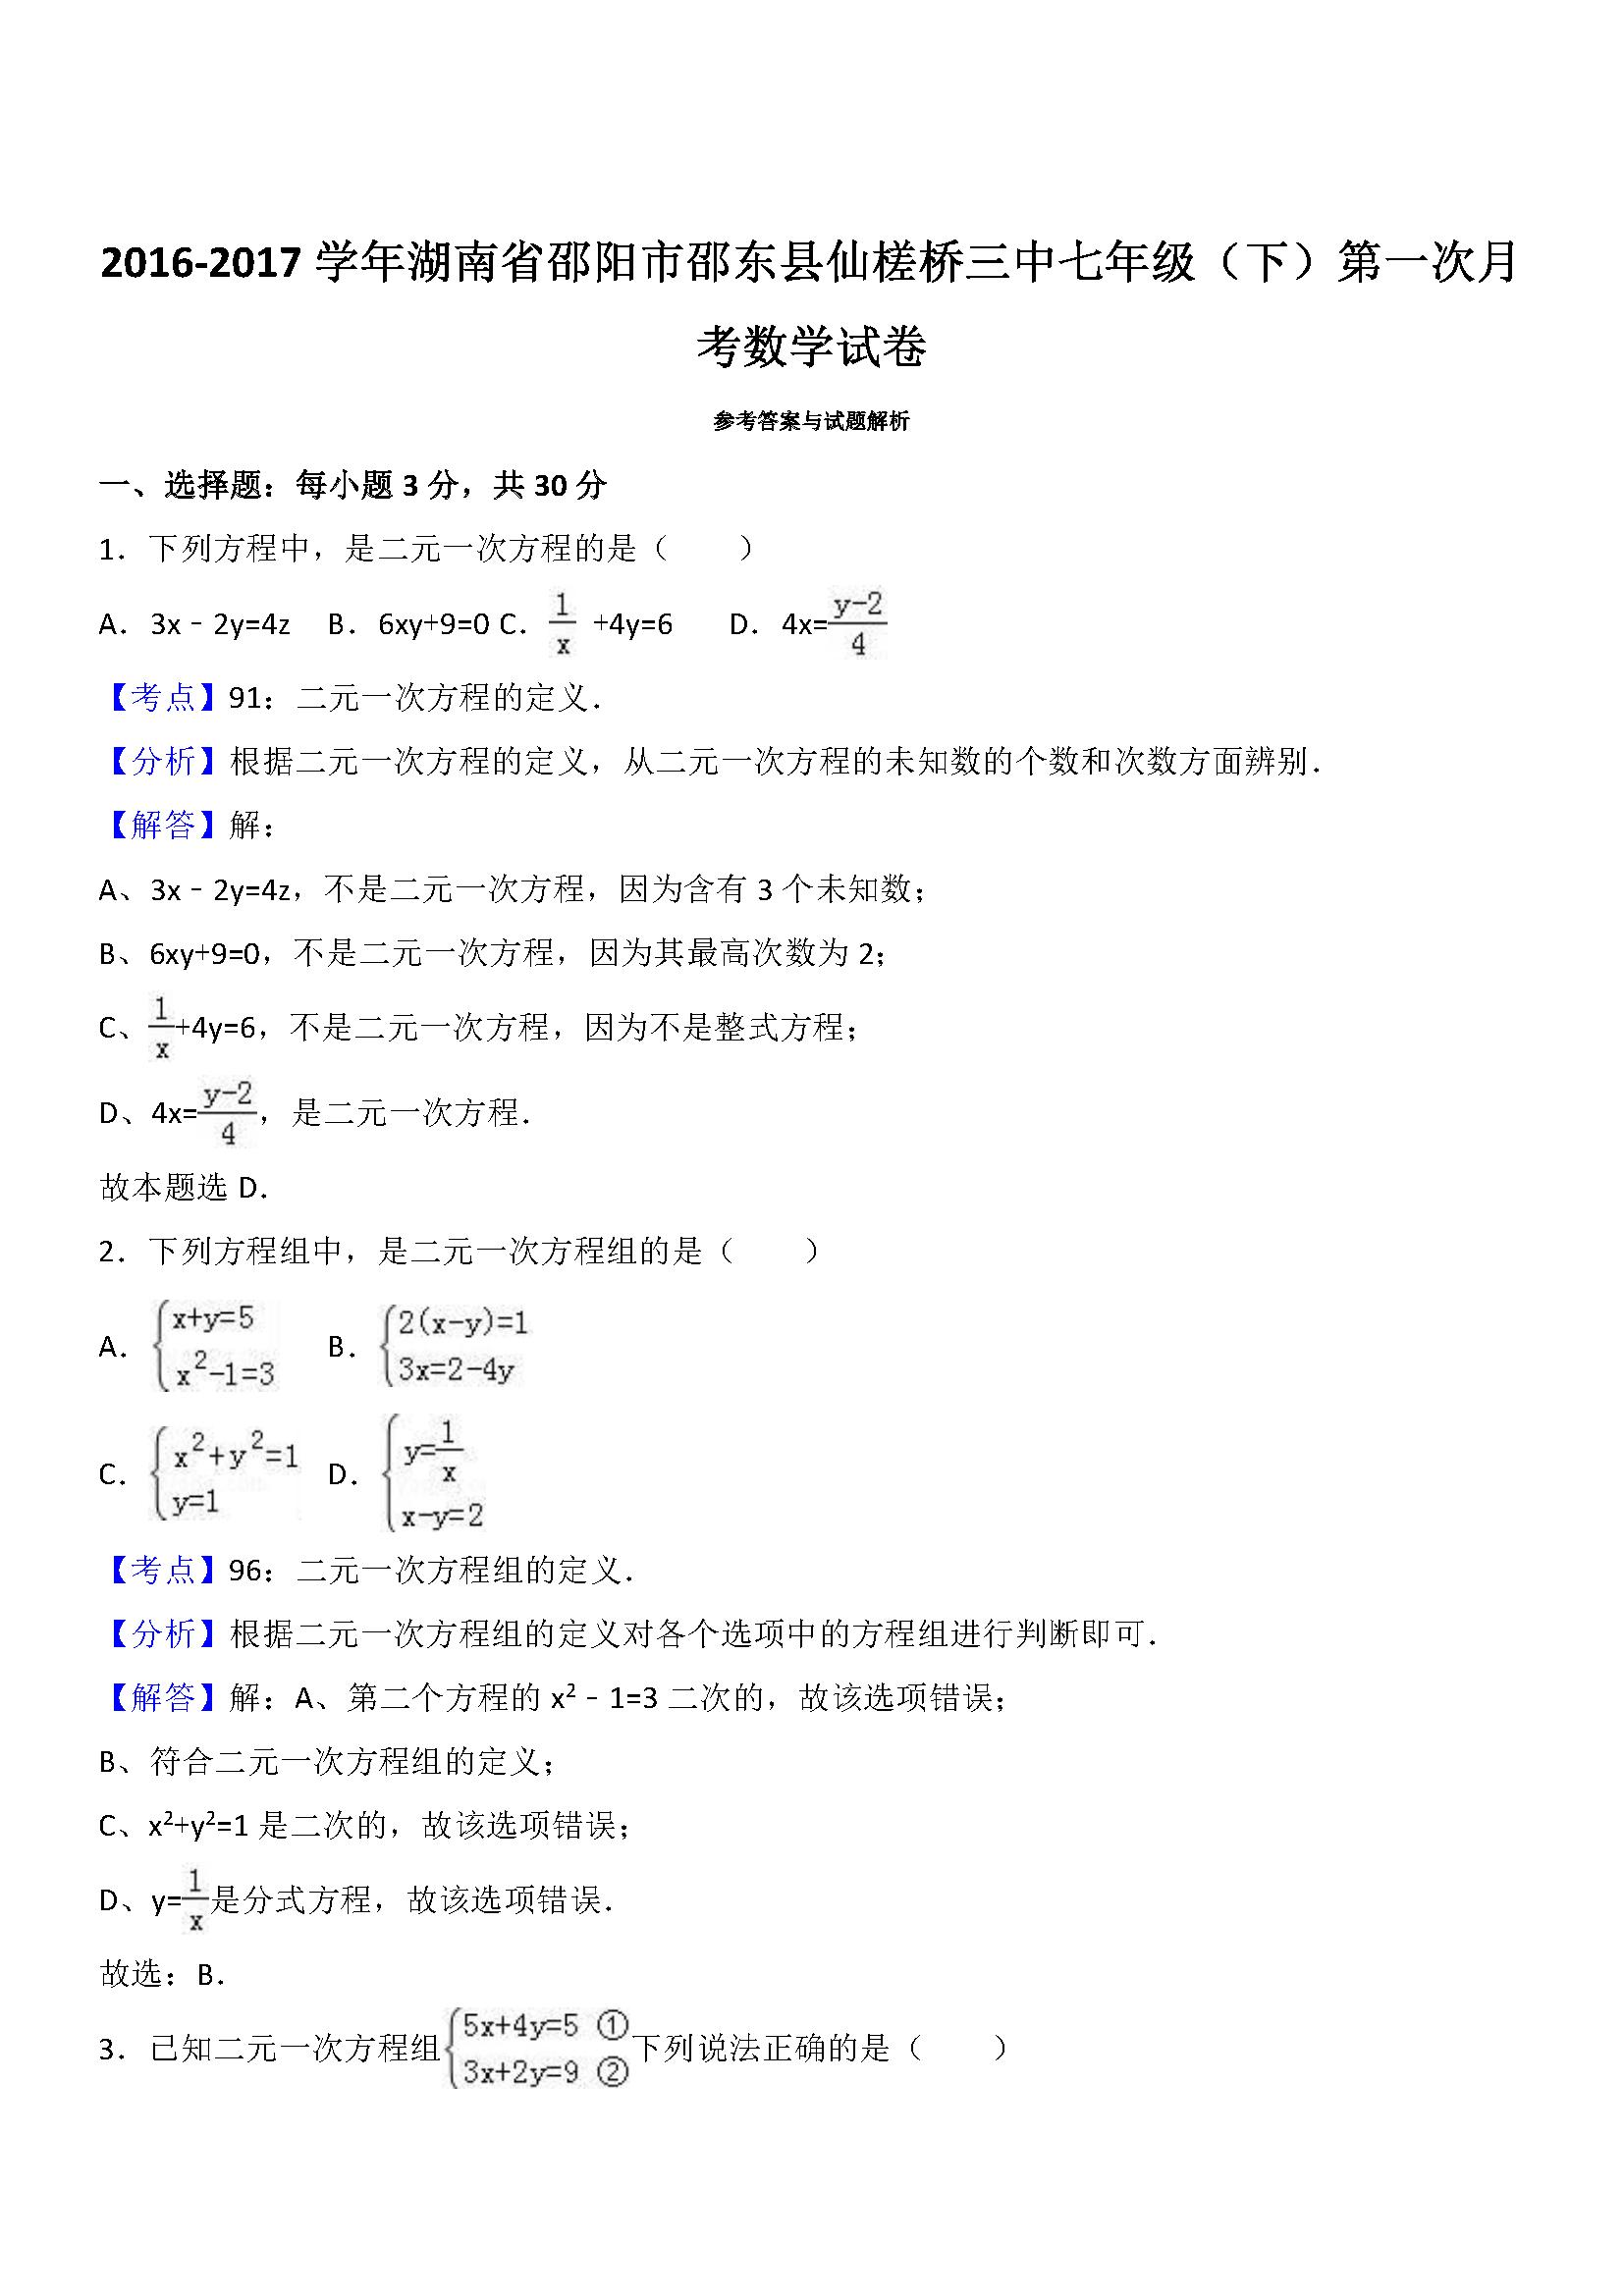 湖南邵阳2017七年级下第一次月考数学试卷答案(Word版)